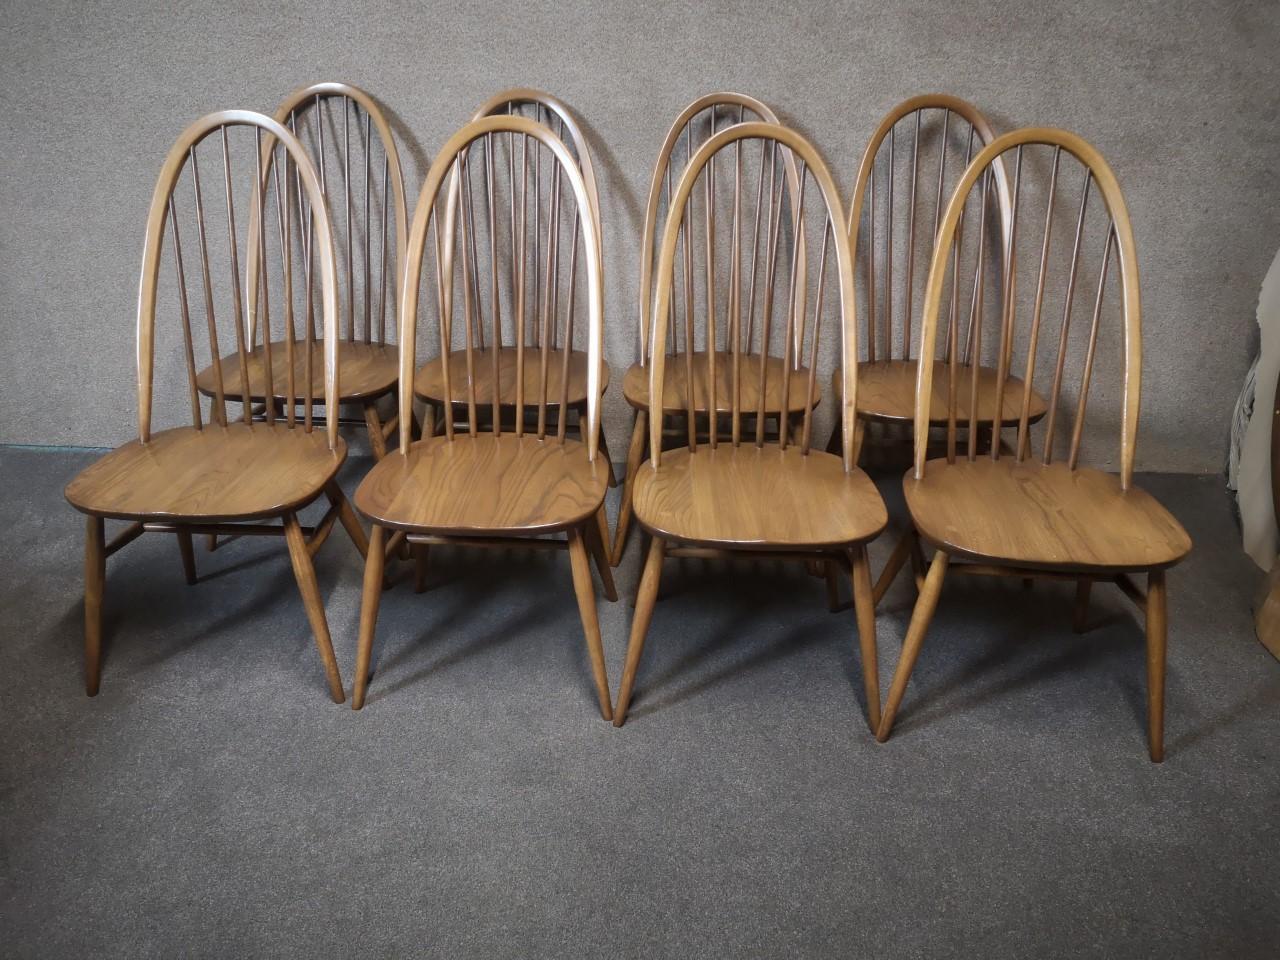 8 Ercol quaker chairs (4 chairs ×2)画像